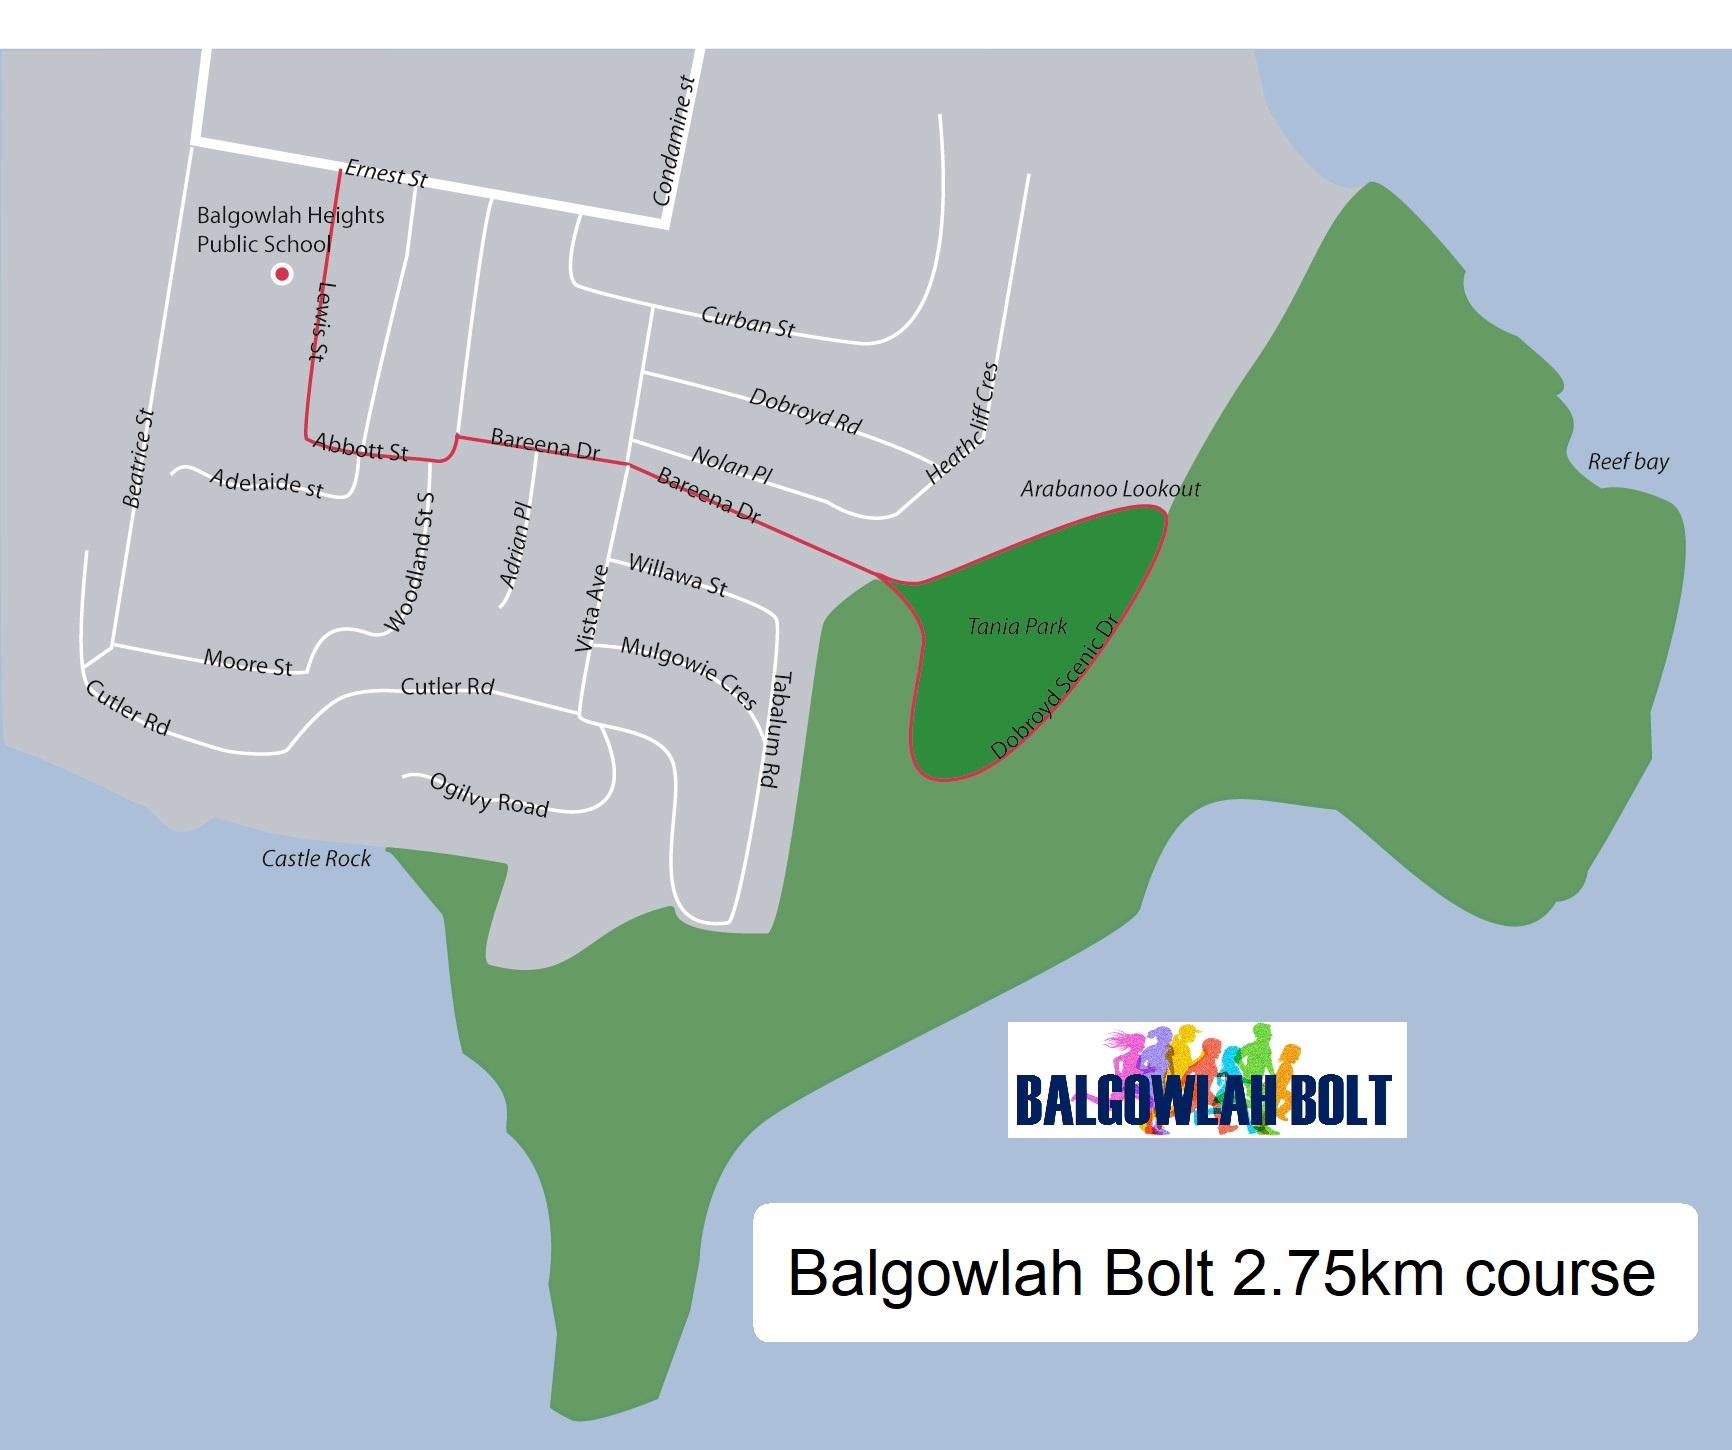 Balgowlah Bolt 2.7km Course